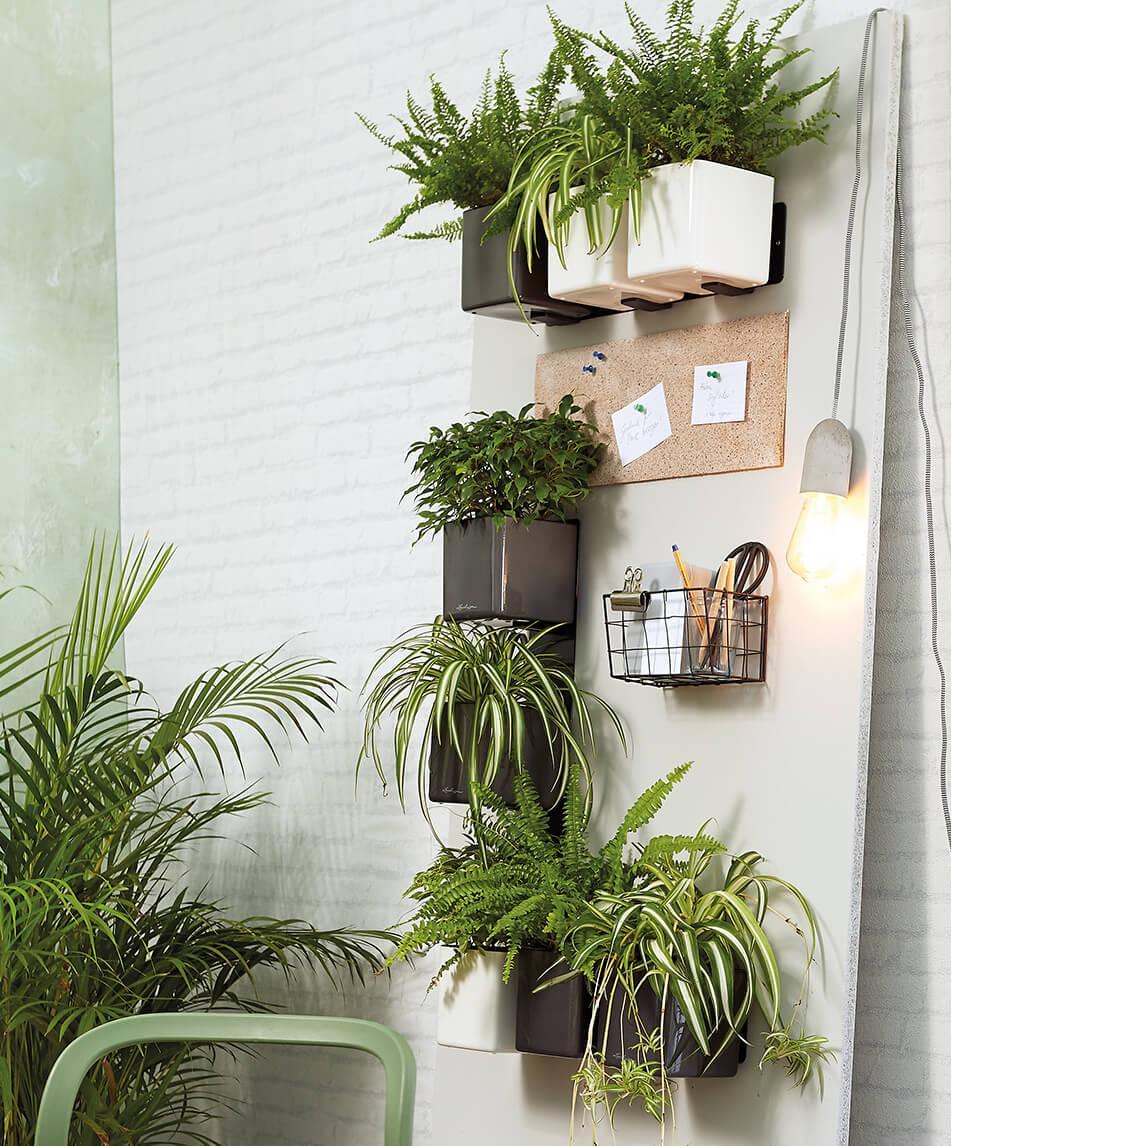 'Plusieurs kits muraux verts sont accrochés au même mur